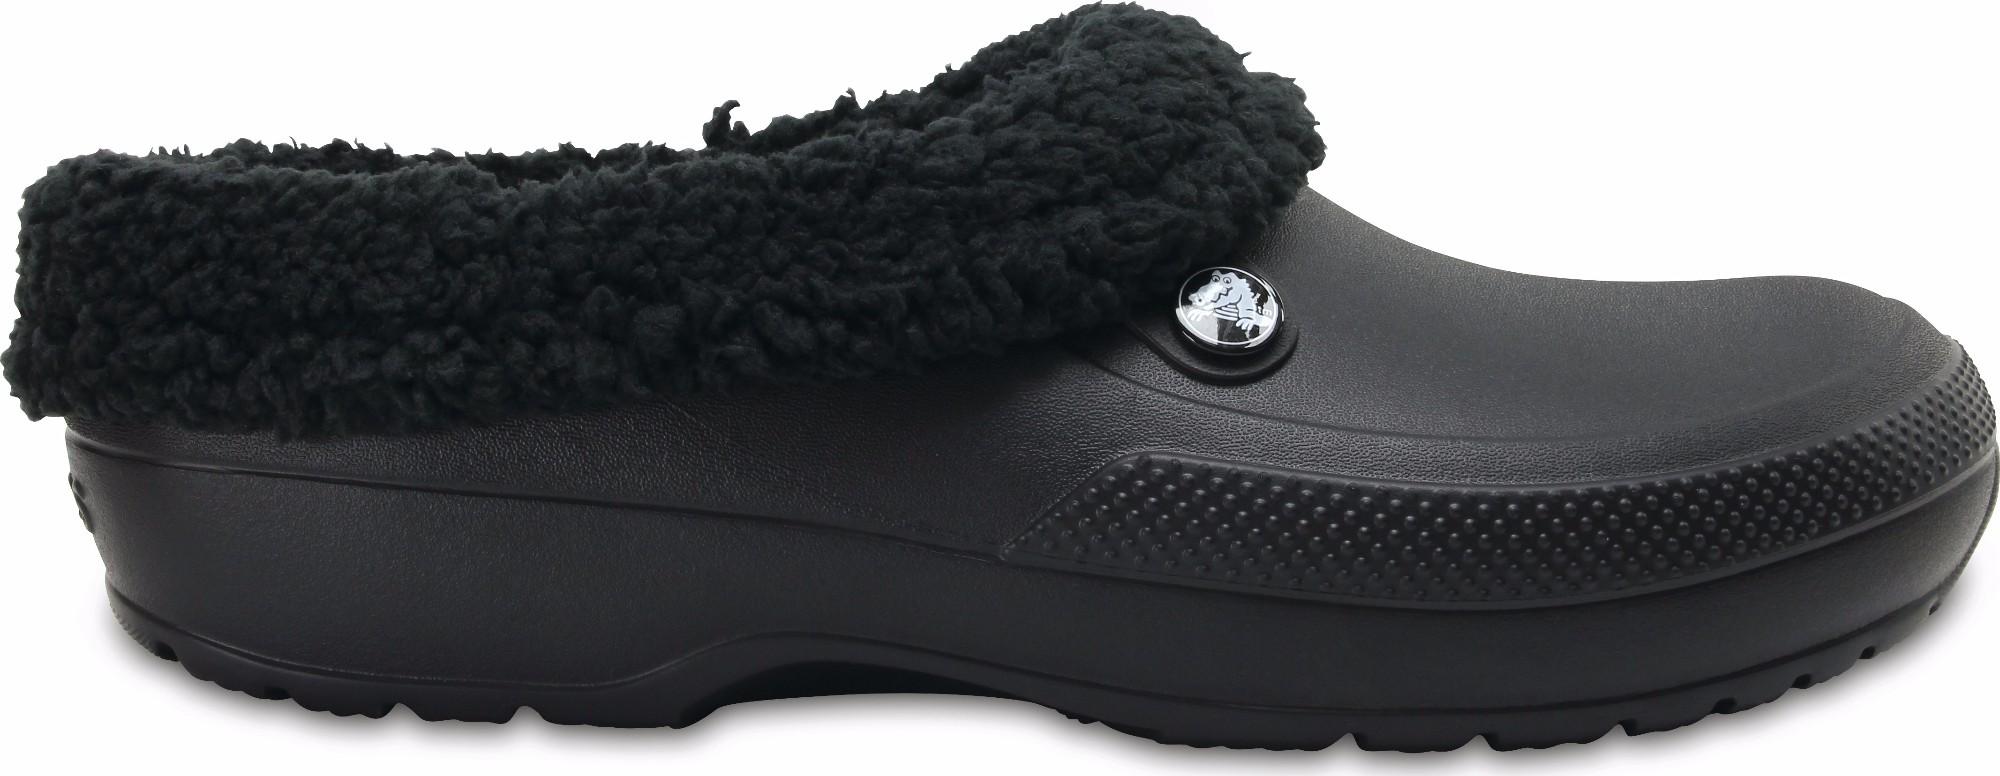 Crocs™ Classic Blitzen III Clog Black/Black 38,5